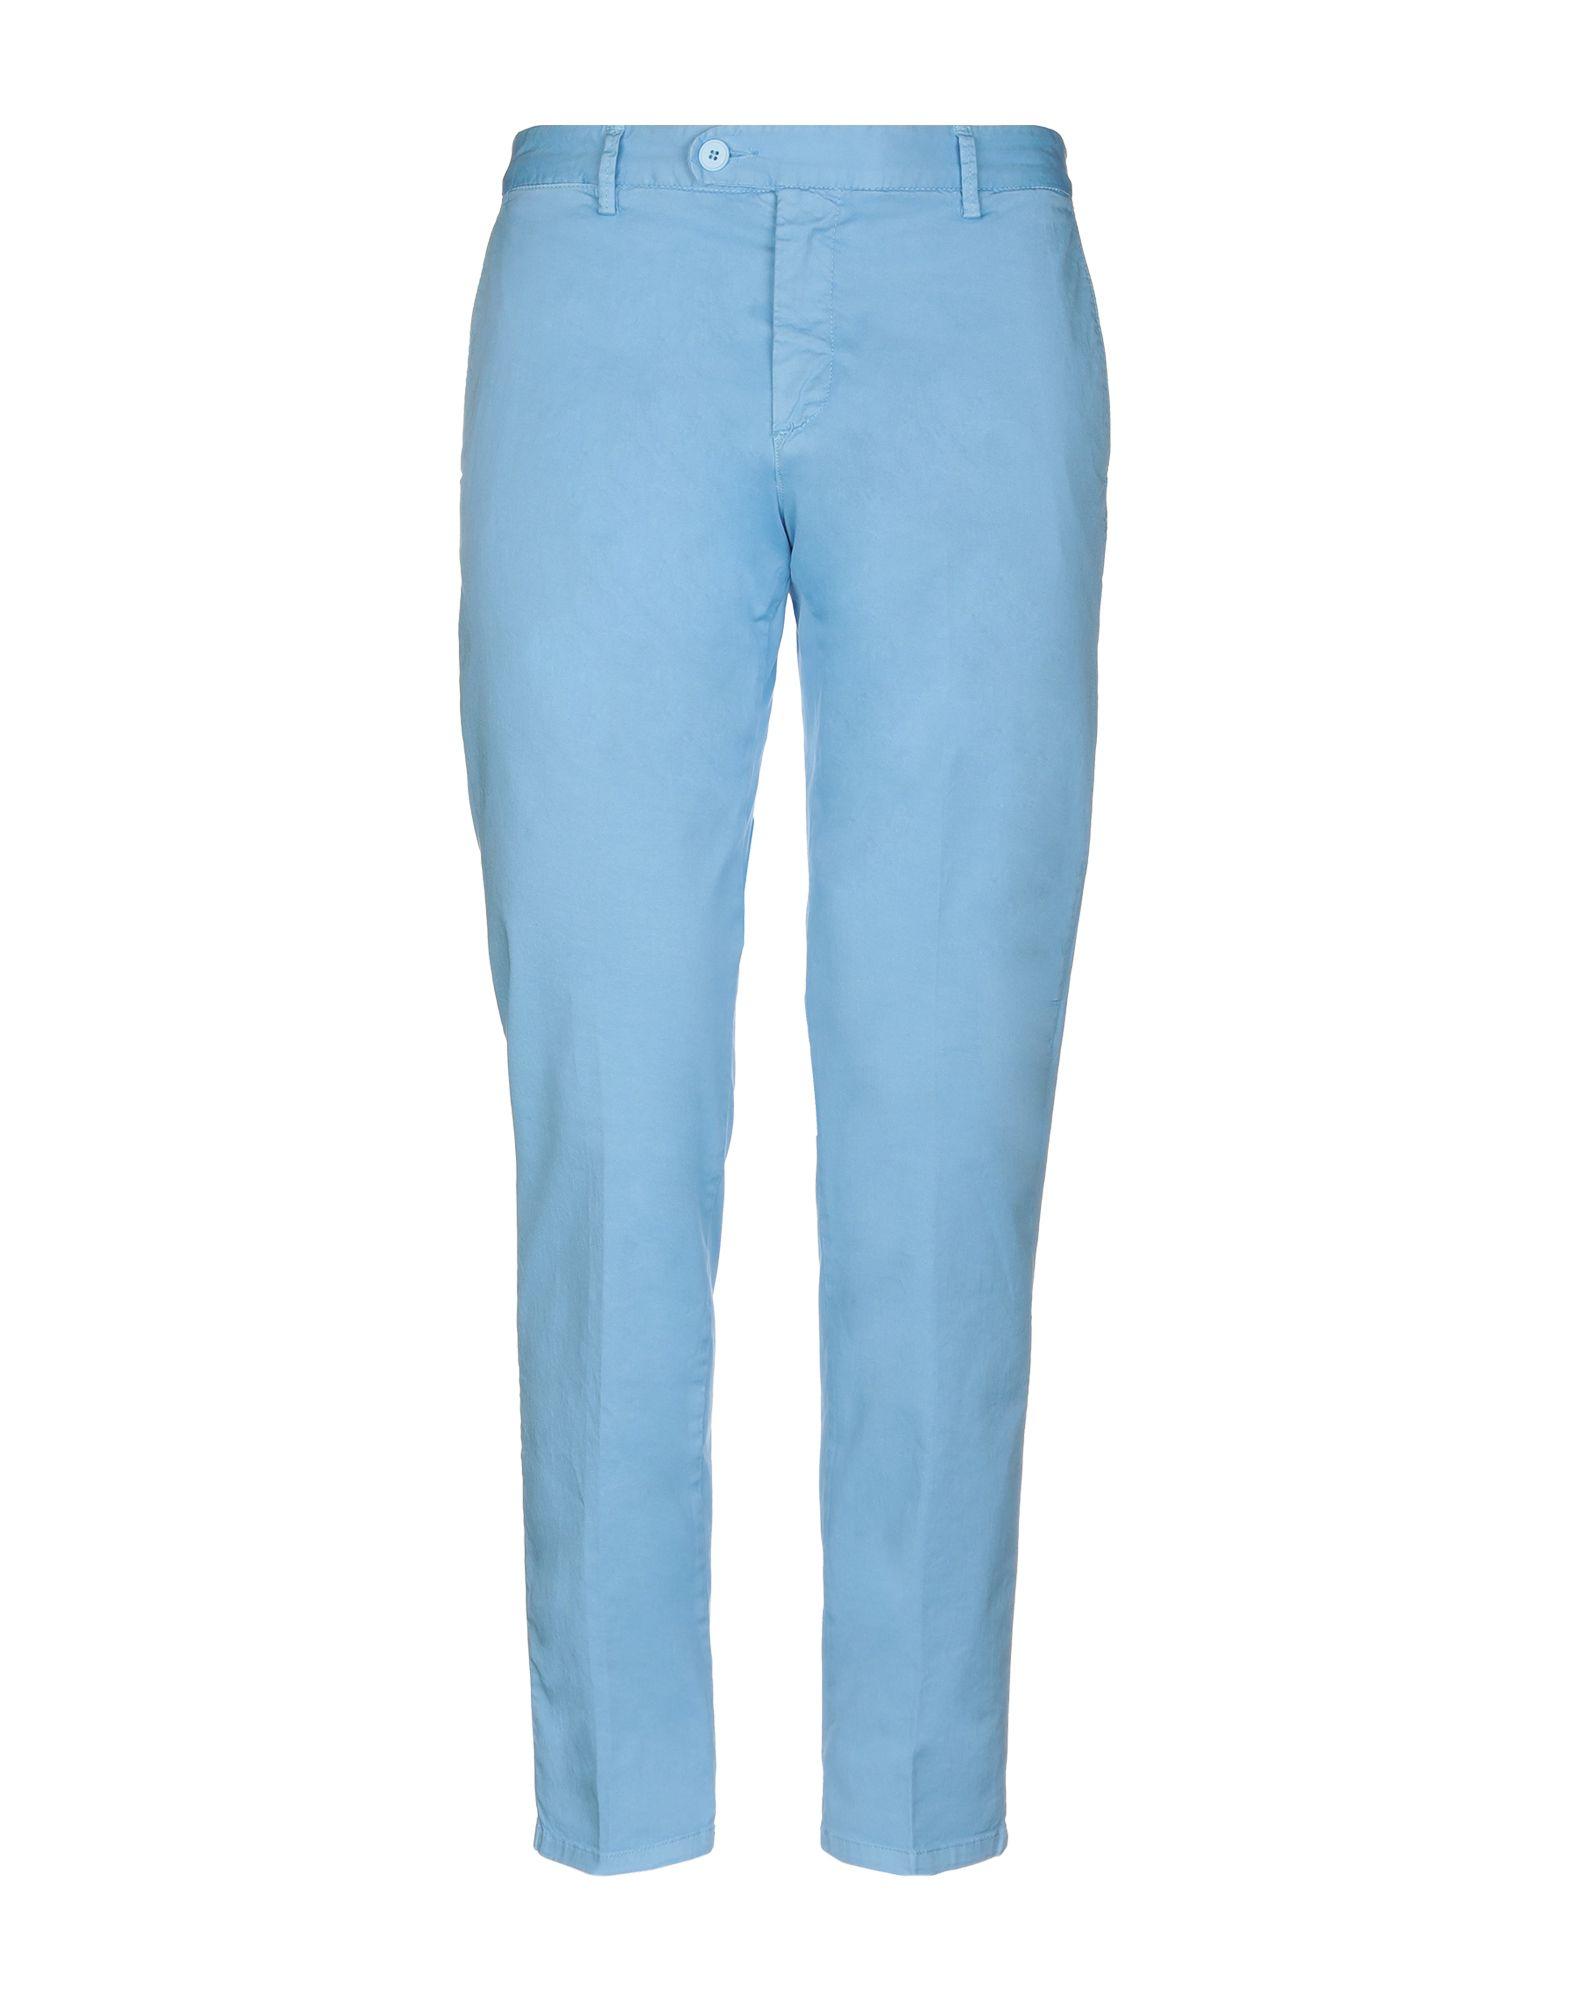 WILLIAM Повседневные брюки william 10 hole c key complex tone children harmonica blue